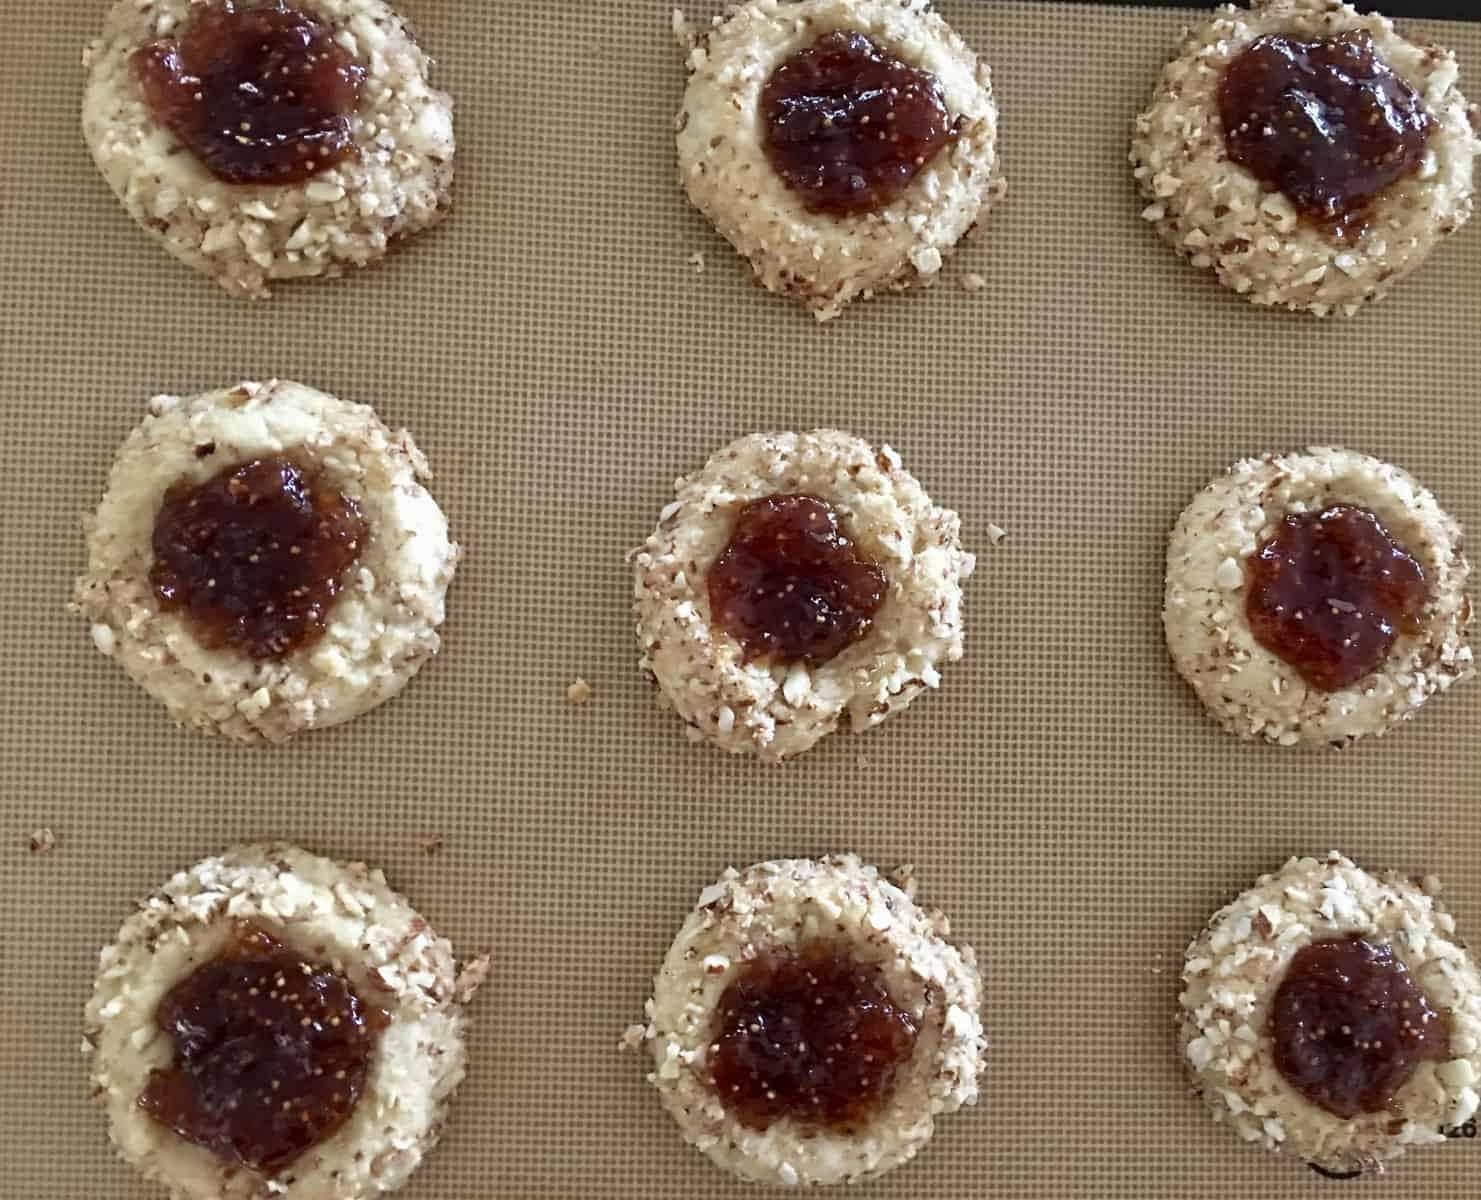 jam filled cookies on baking sheet.